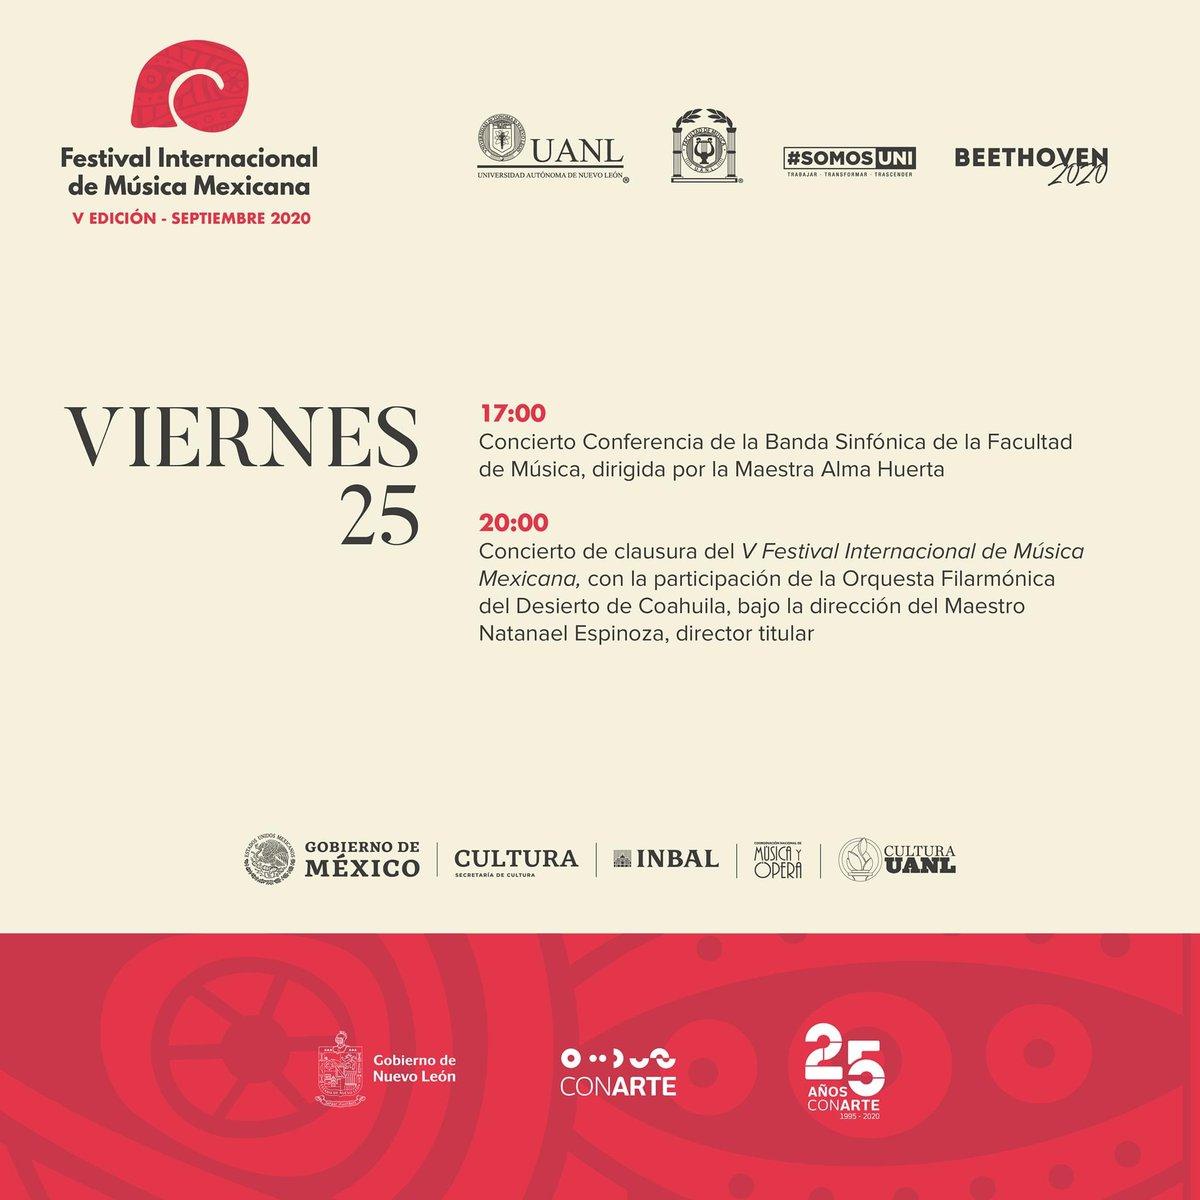 Aquí la cartelera de actividades en el cierre del Festival Internacional de Música Mexicana.  ¡No te lo pierdas!  #SomosUni #SomosFamus #Beethoven2020  @conartenl @FAMUS_UANL @uanl @MusicaINBA https://t.co/CmHvmAKusn